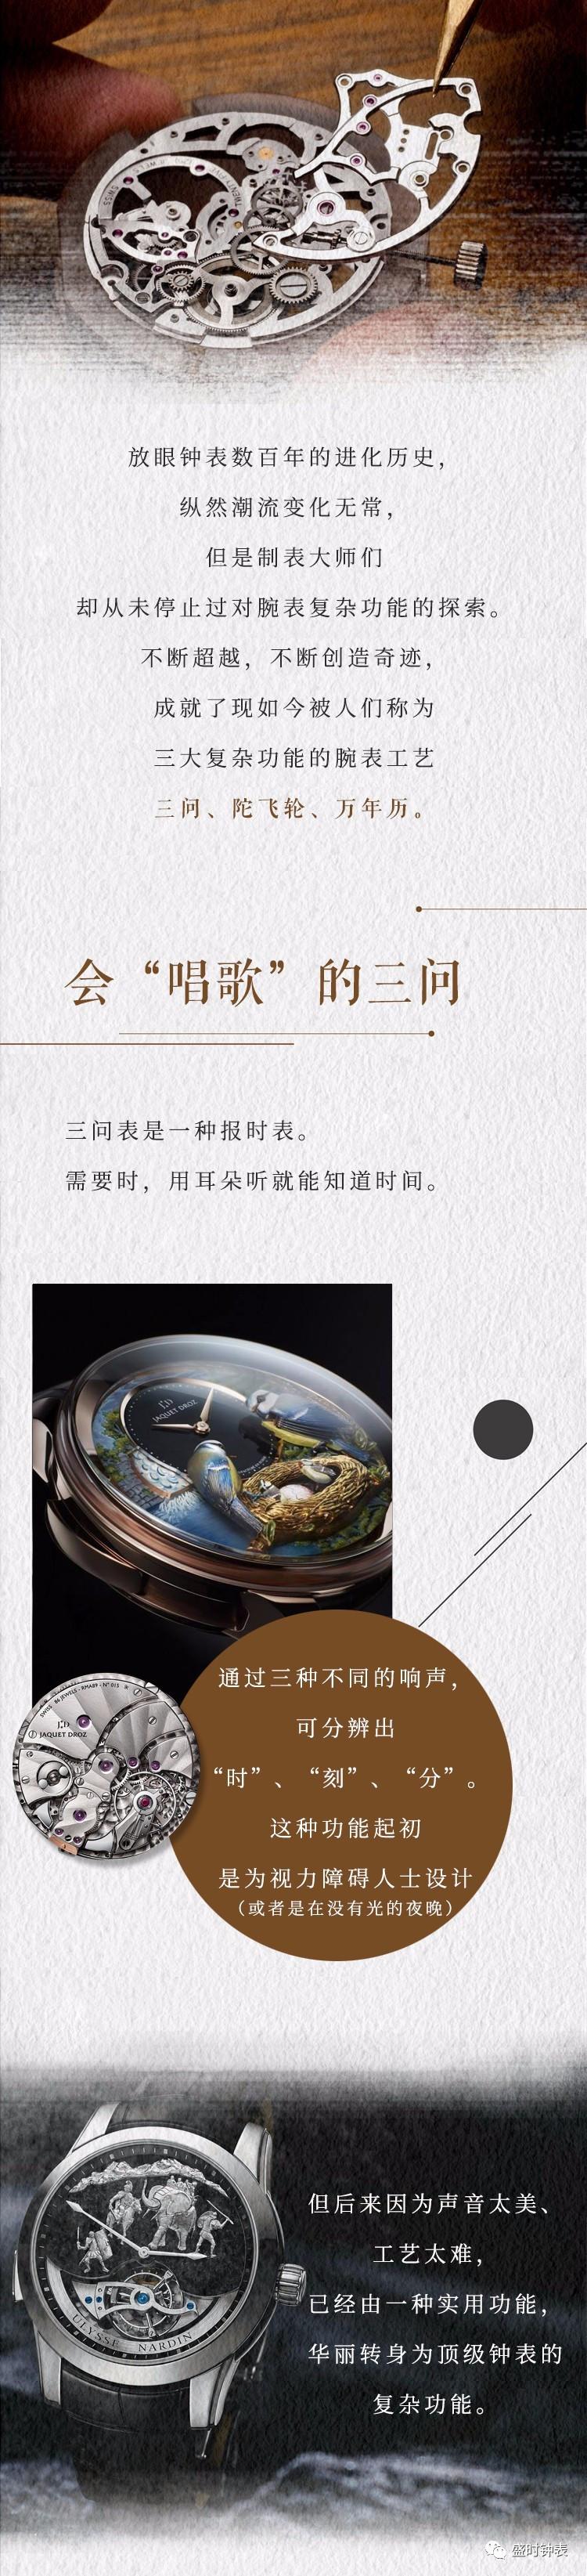 30岁刘亦菲神仙姐姐剧照,网友:早已不仙,真风骚性感